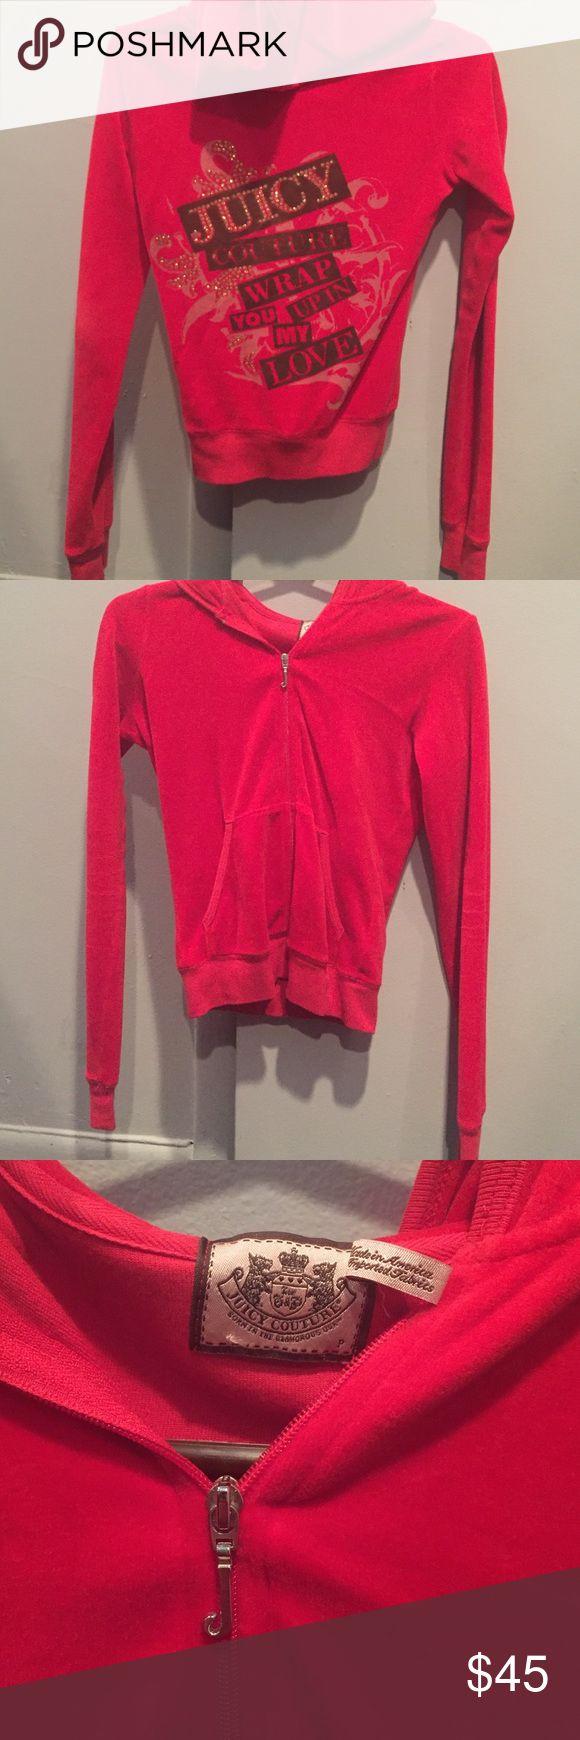 Juicy Couture velour zip-up Red velour zip up. Size Petite. Juicy Couture Tops Sweatshirts & Hoodies